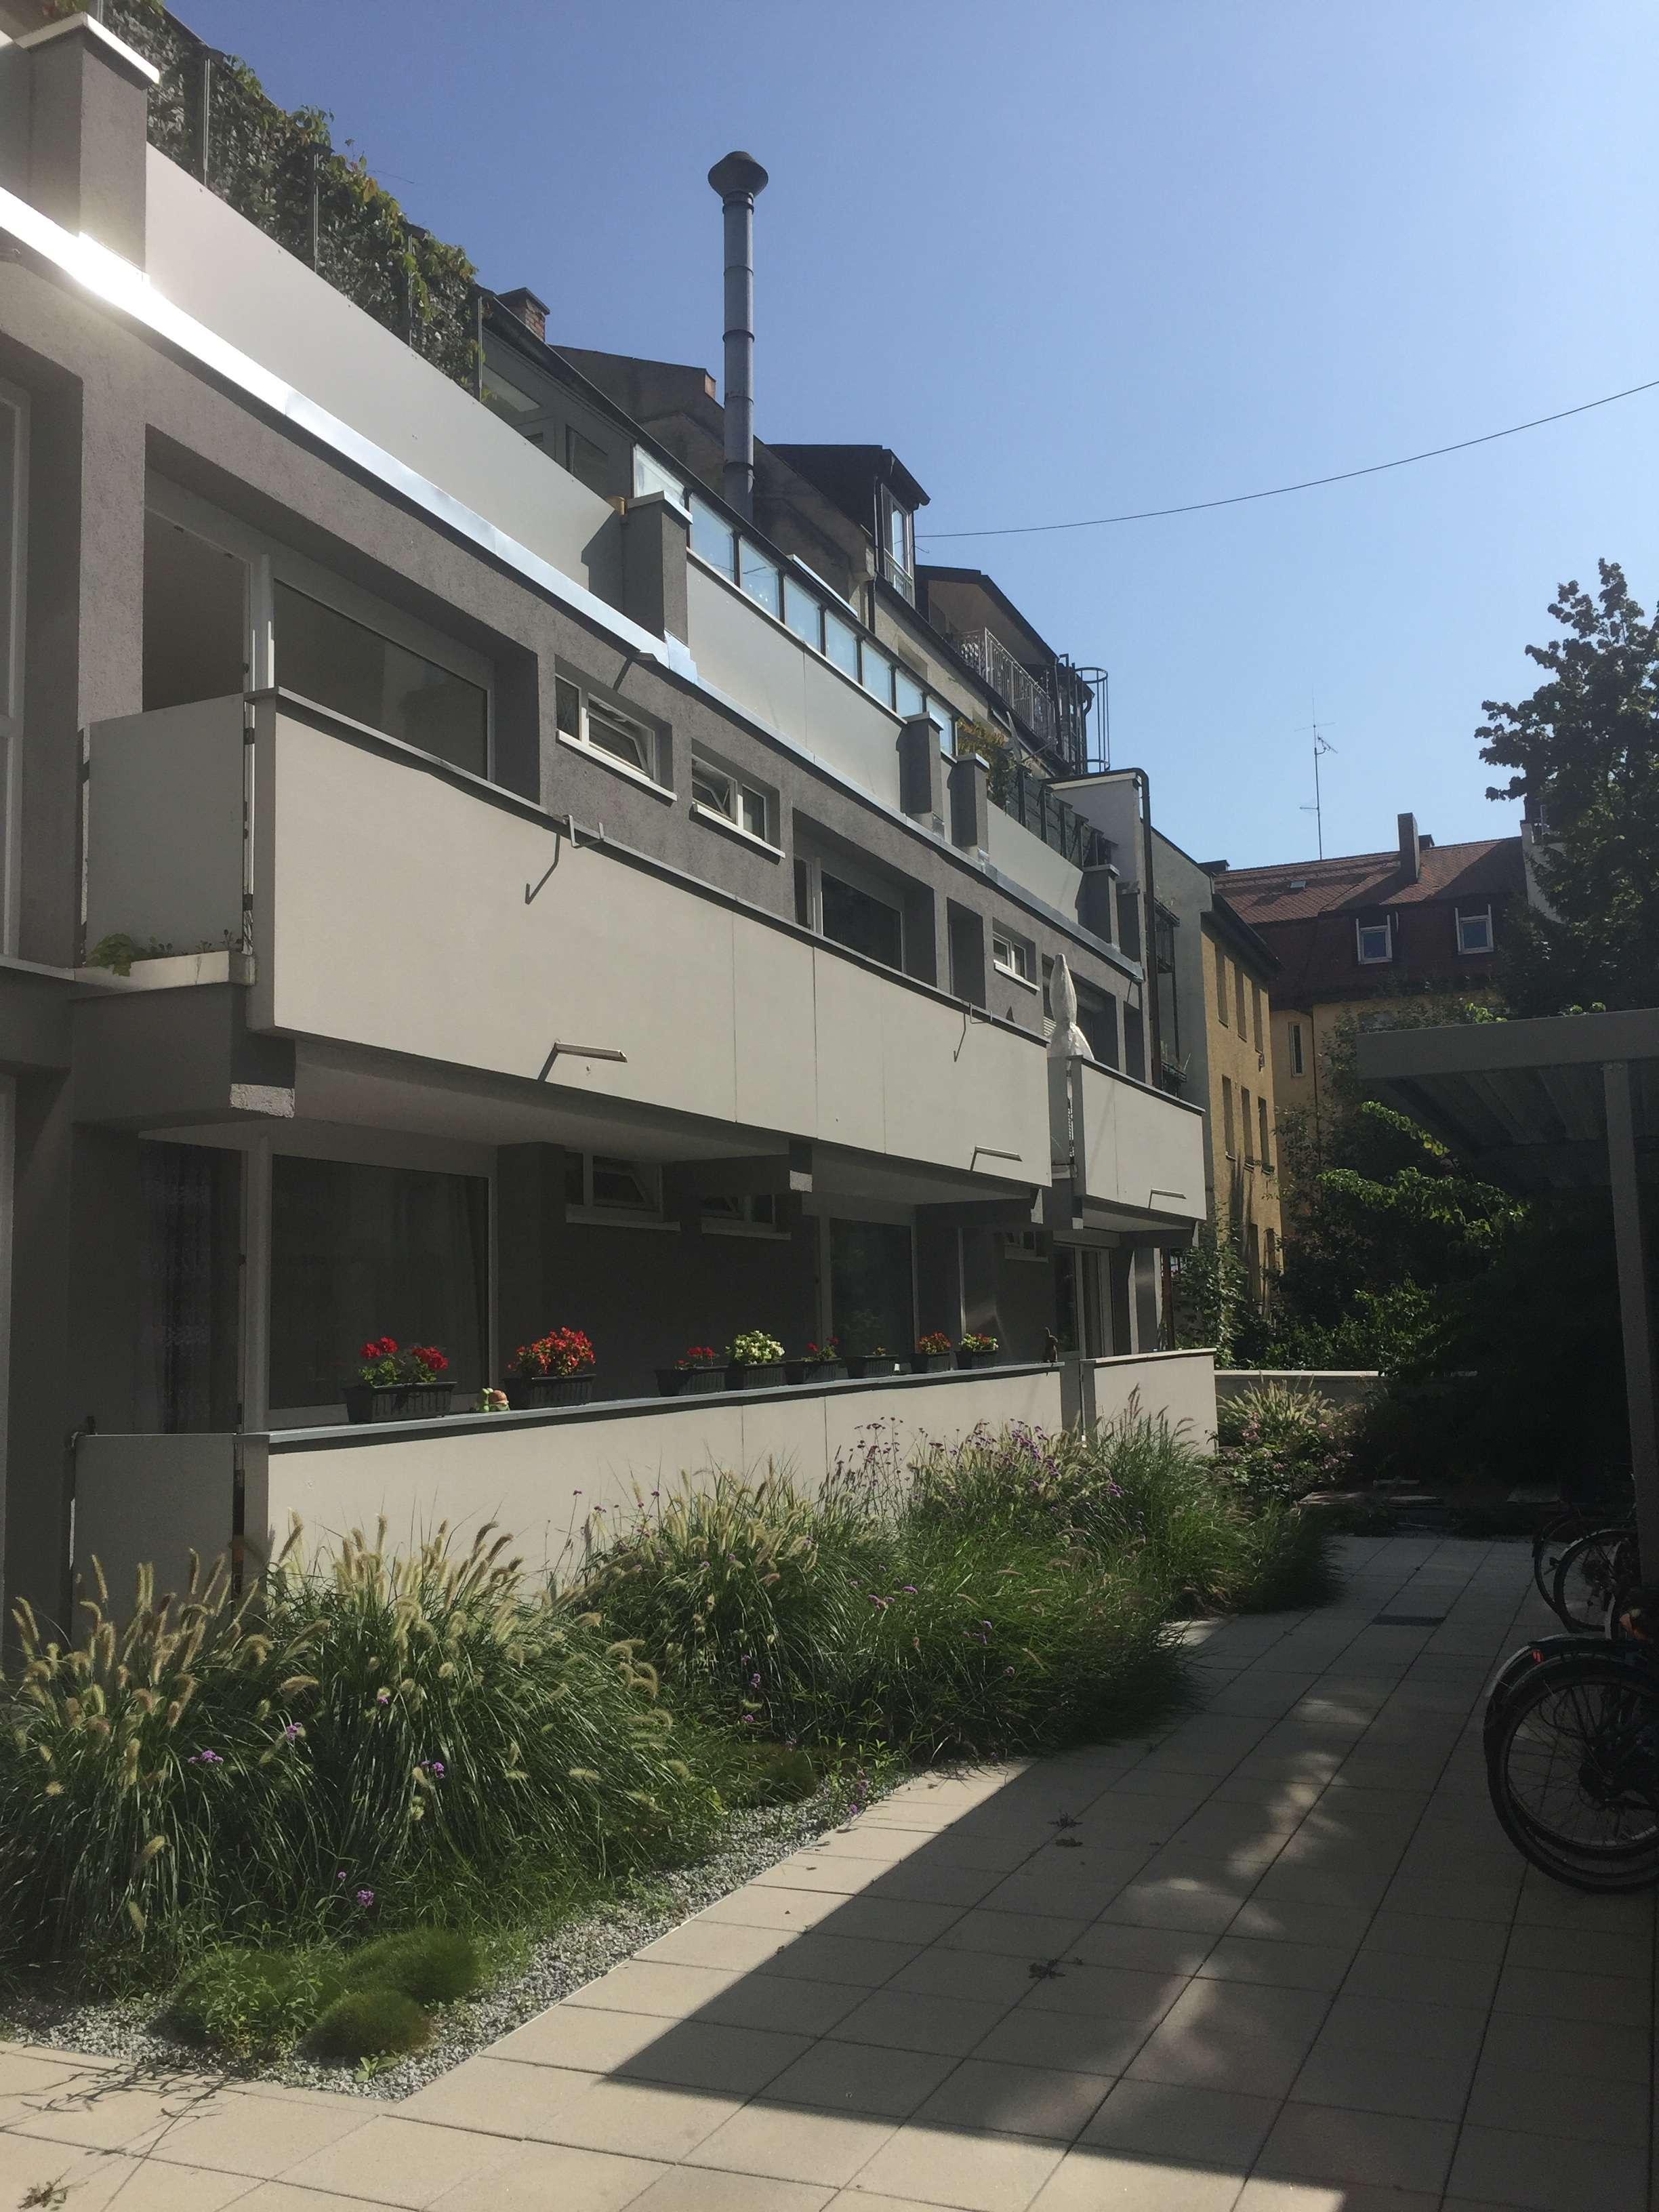 Exklusive möblierte 1-Zimmer-Wohnung in Schwabing-West, München in Schwabing-West (München)